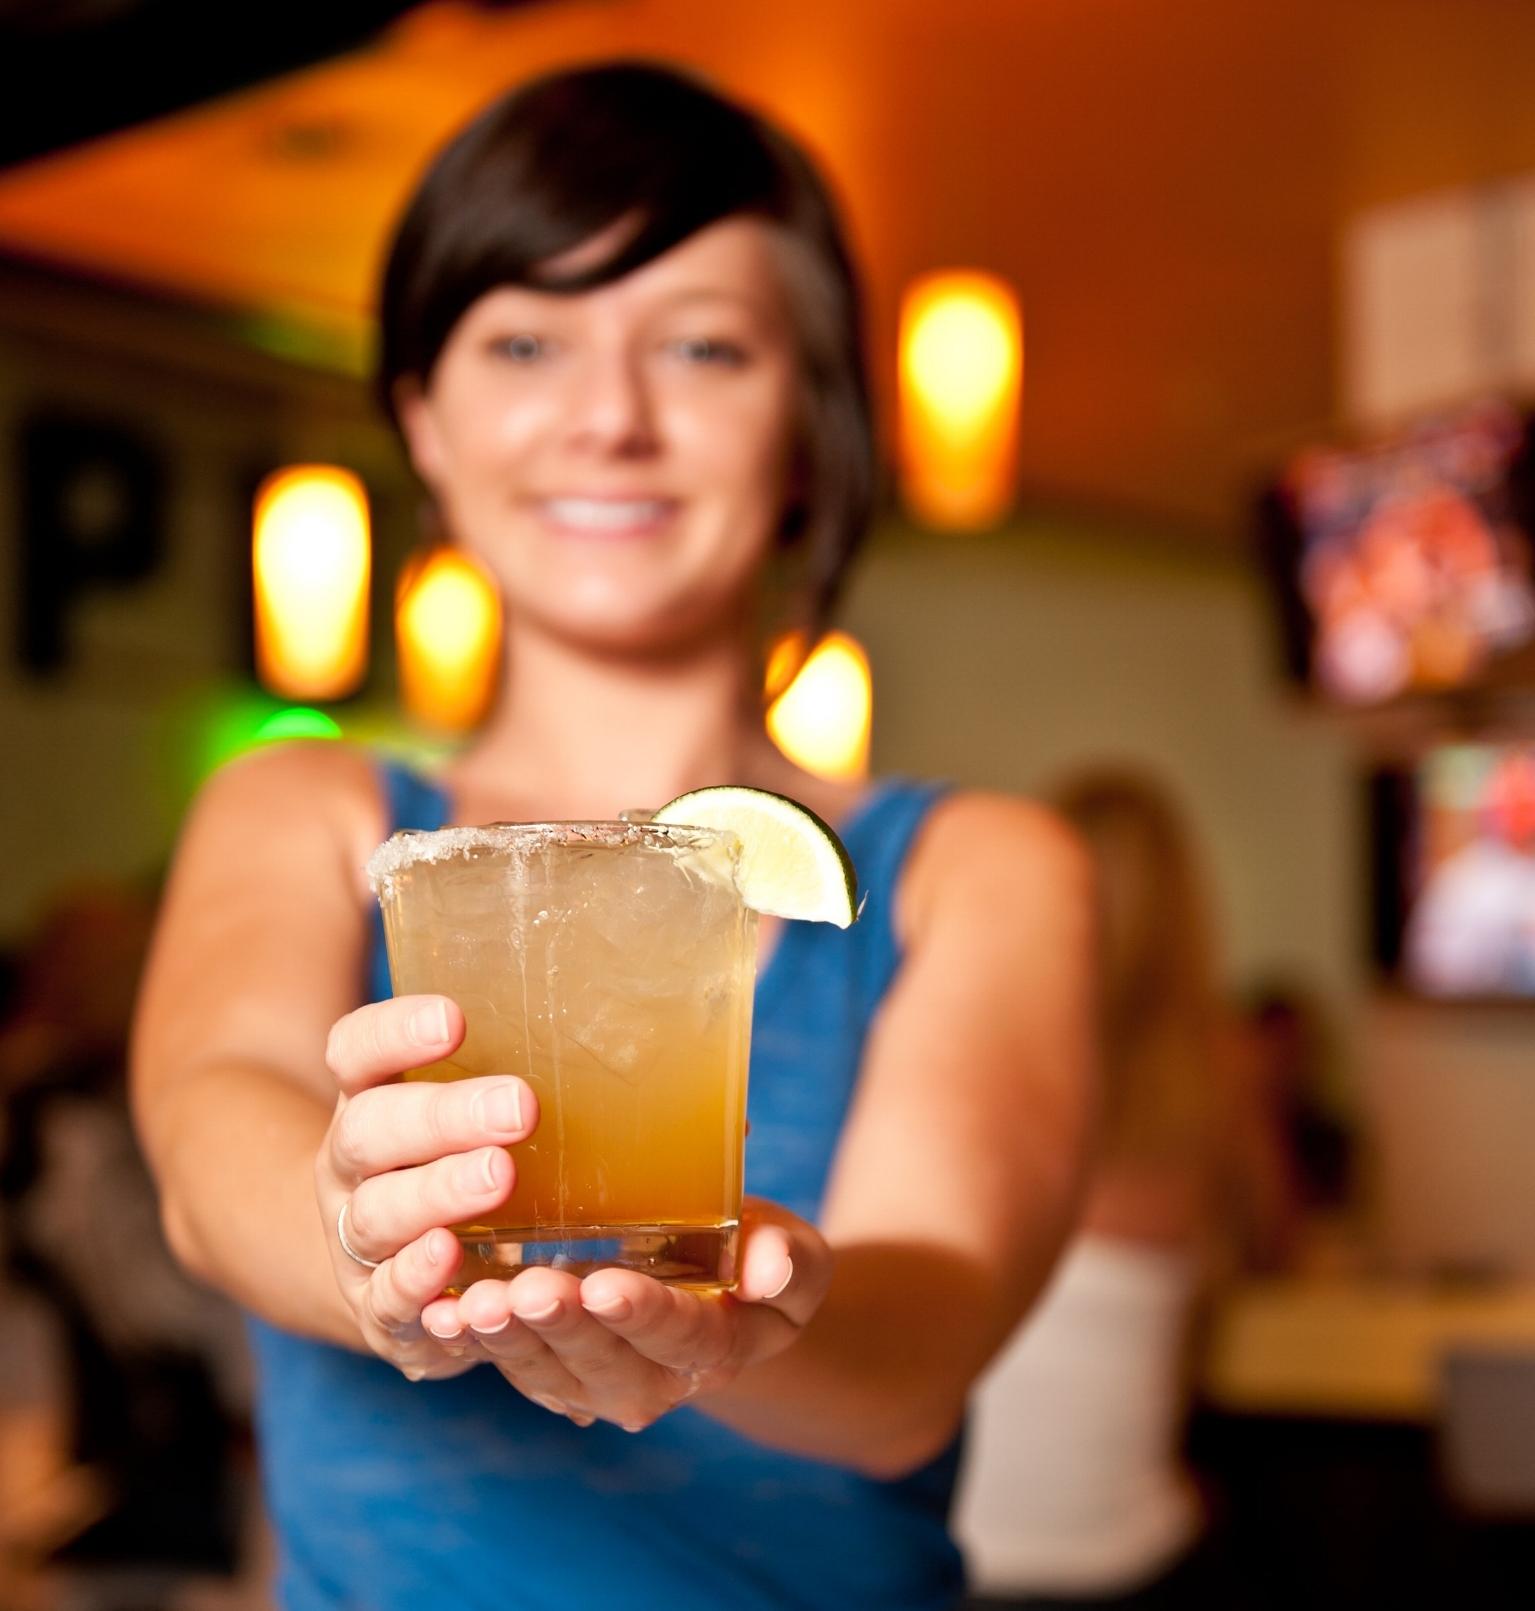 Vibe_Alpharetta_Server holding a margarita.jpg